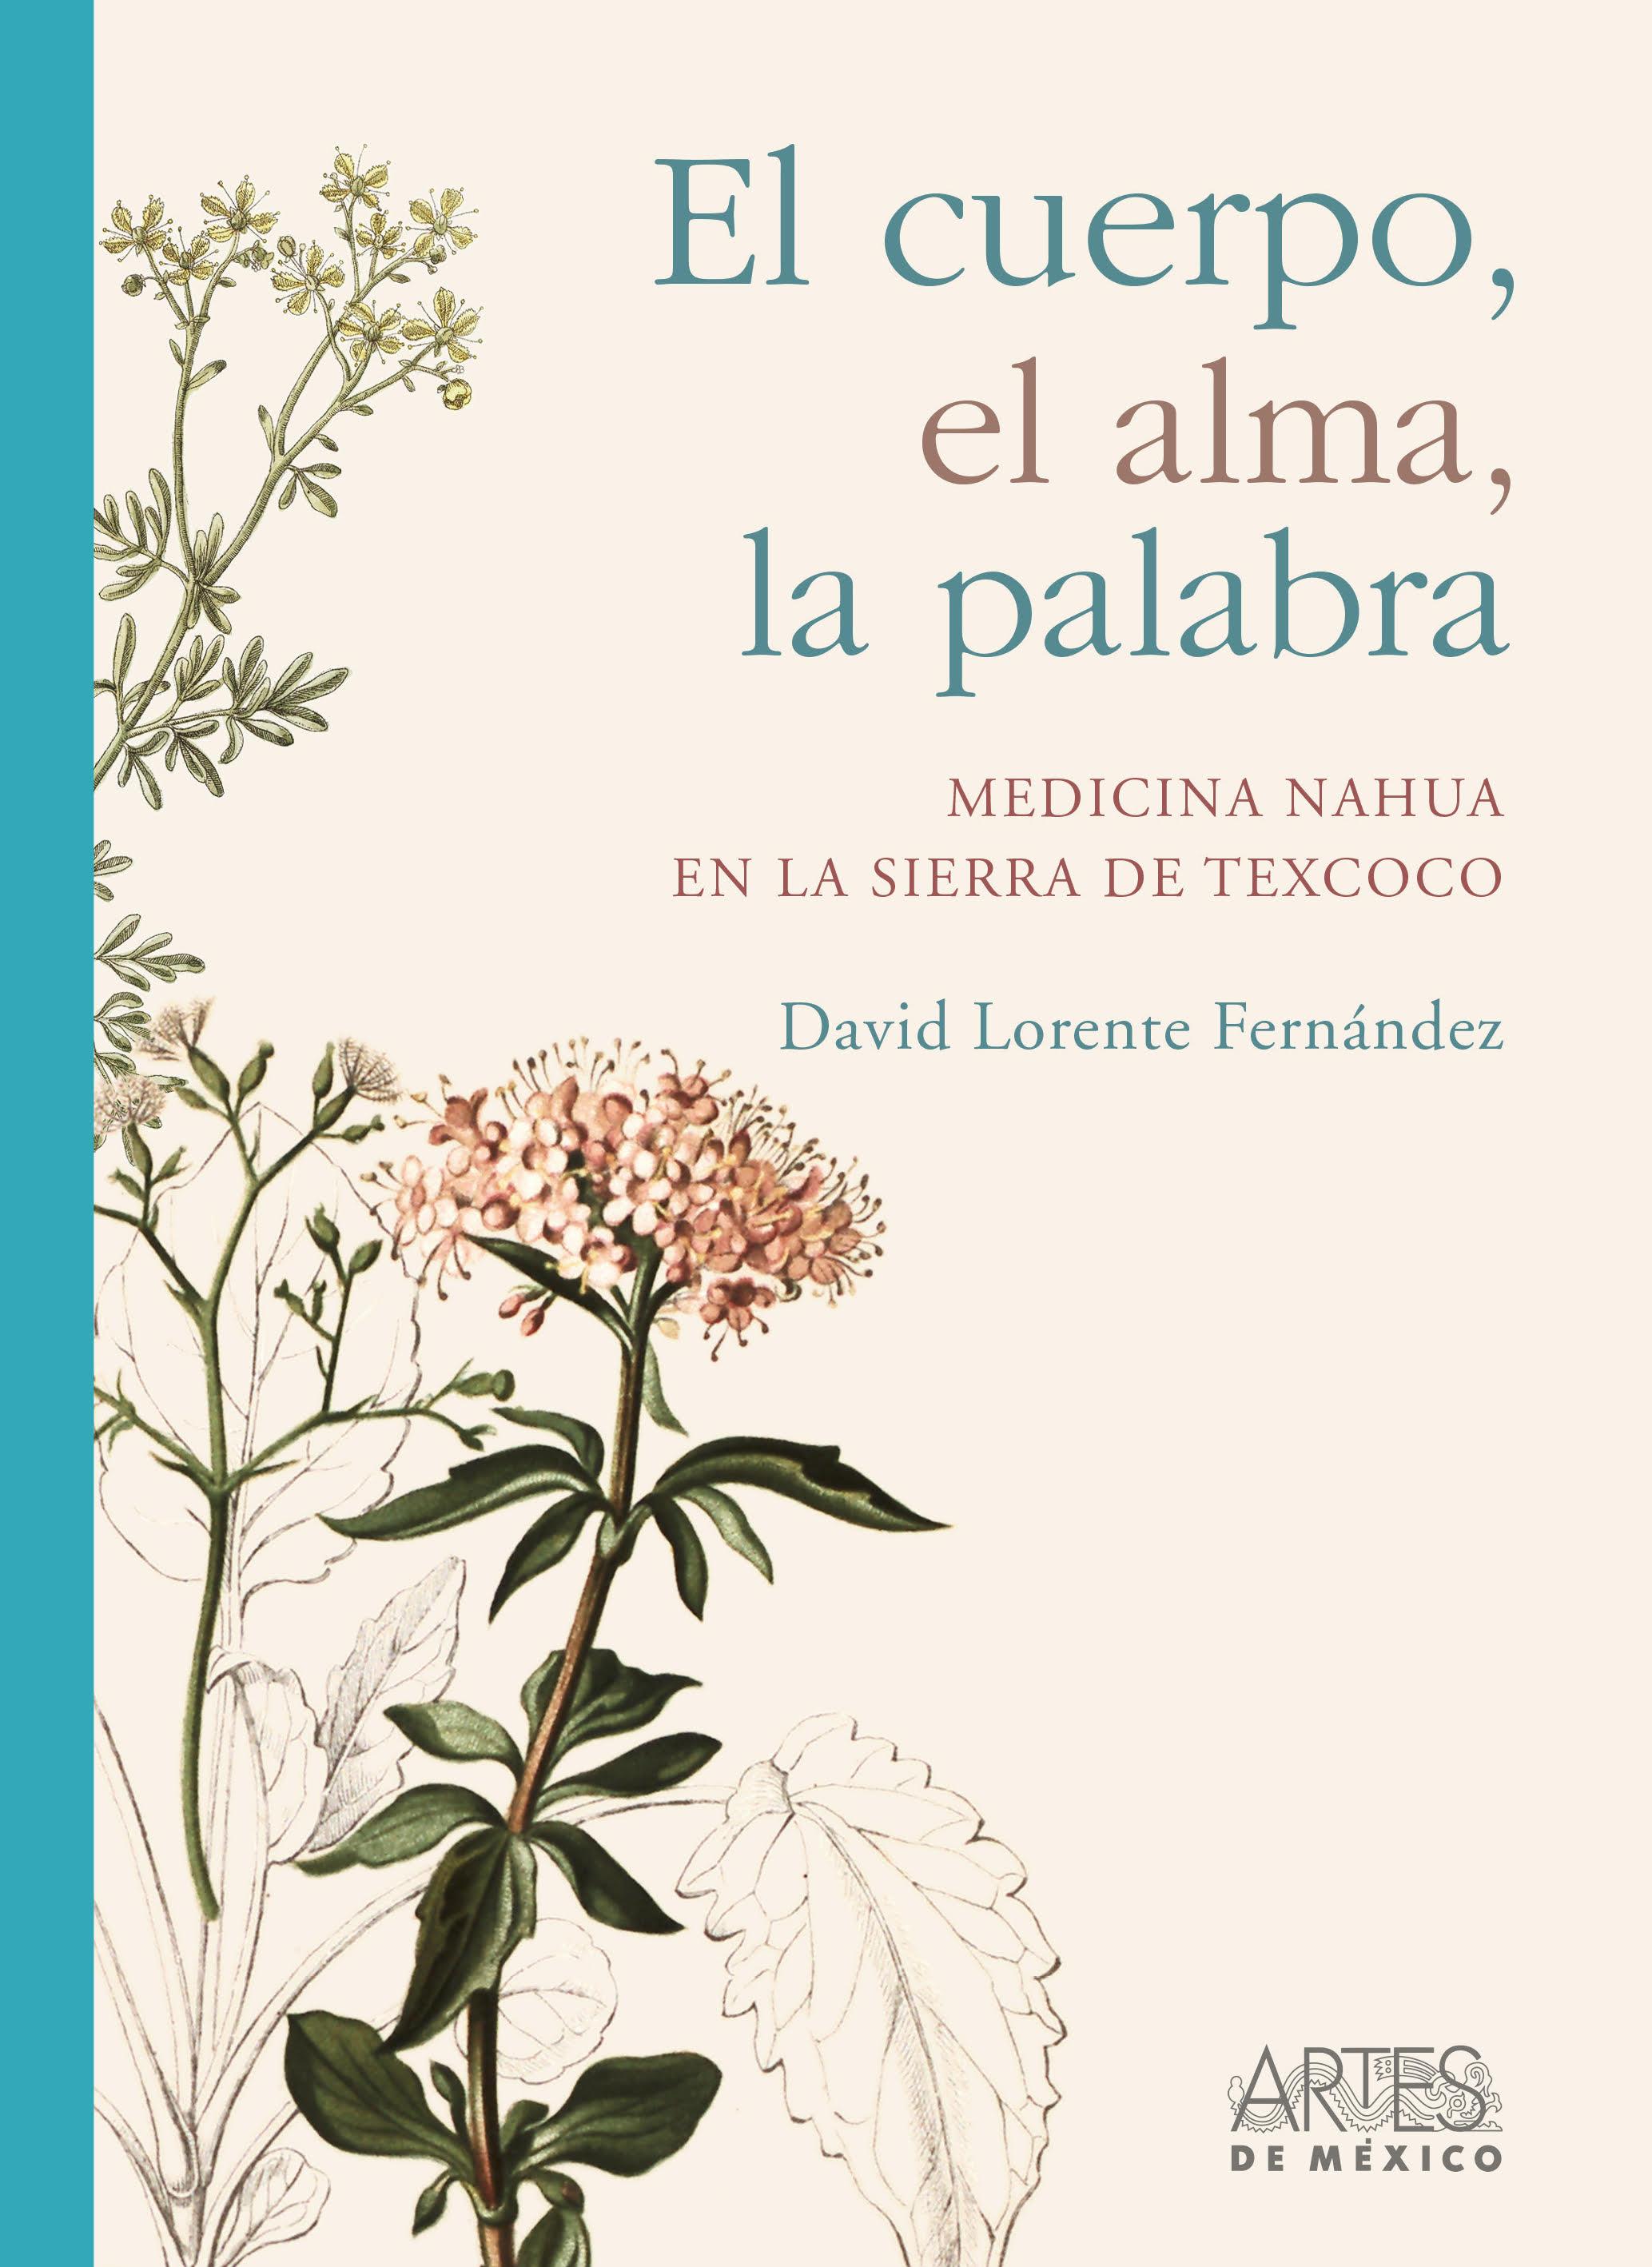 El cuerpo, el alma, la palabra. Medicina nahua en la Sierra de Texcoco